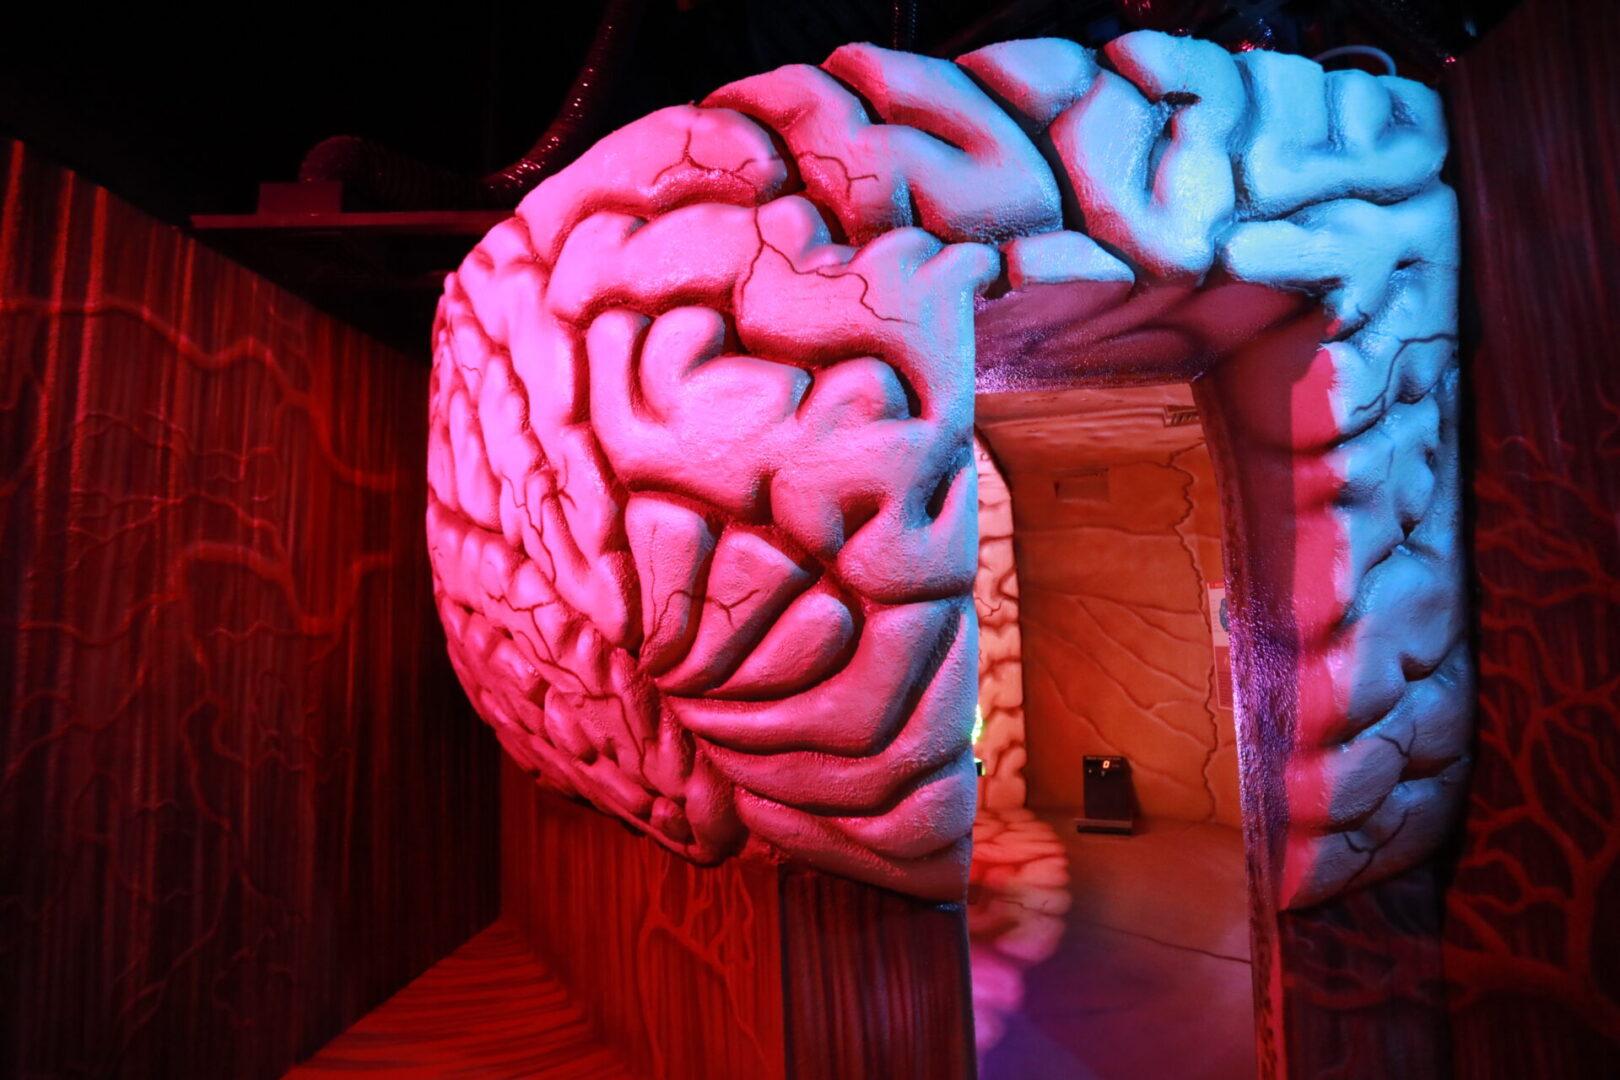 Художественное оформление аттракциона «Внутри человека» в парке развлечений «Galaxy» мозг